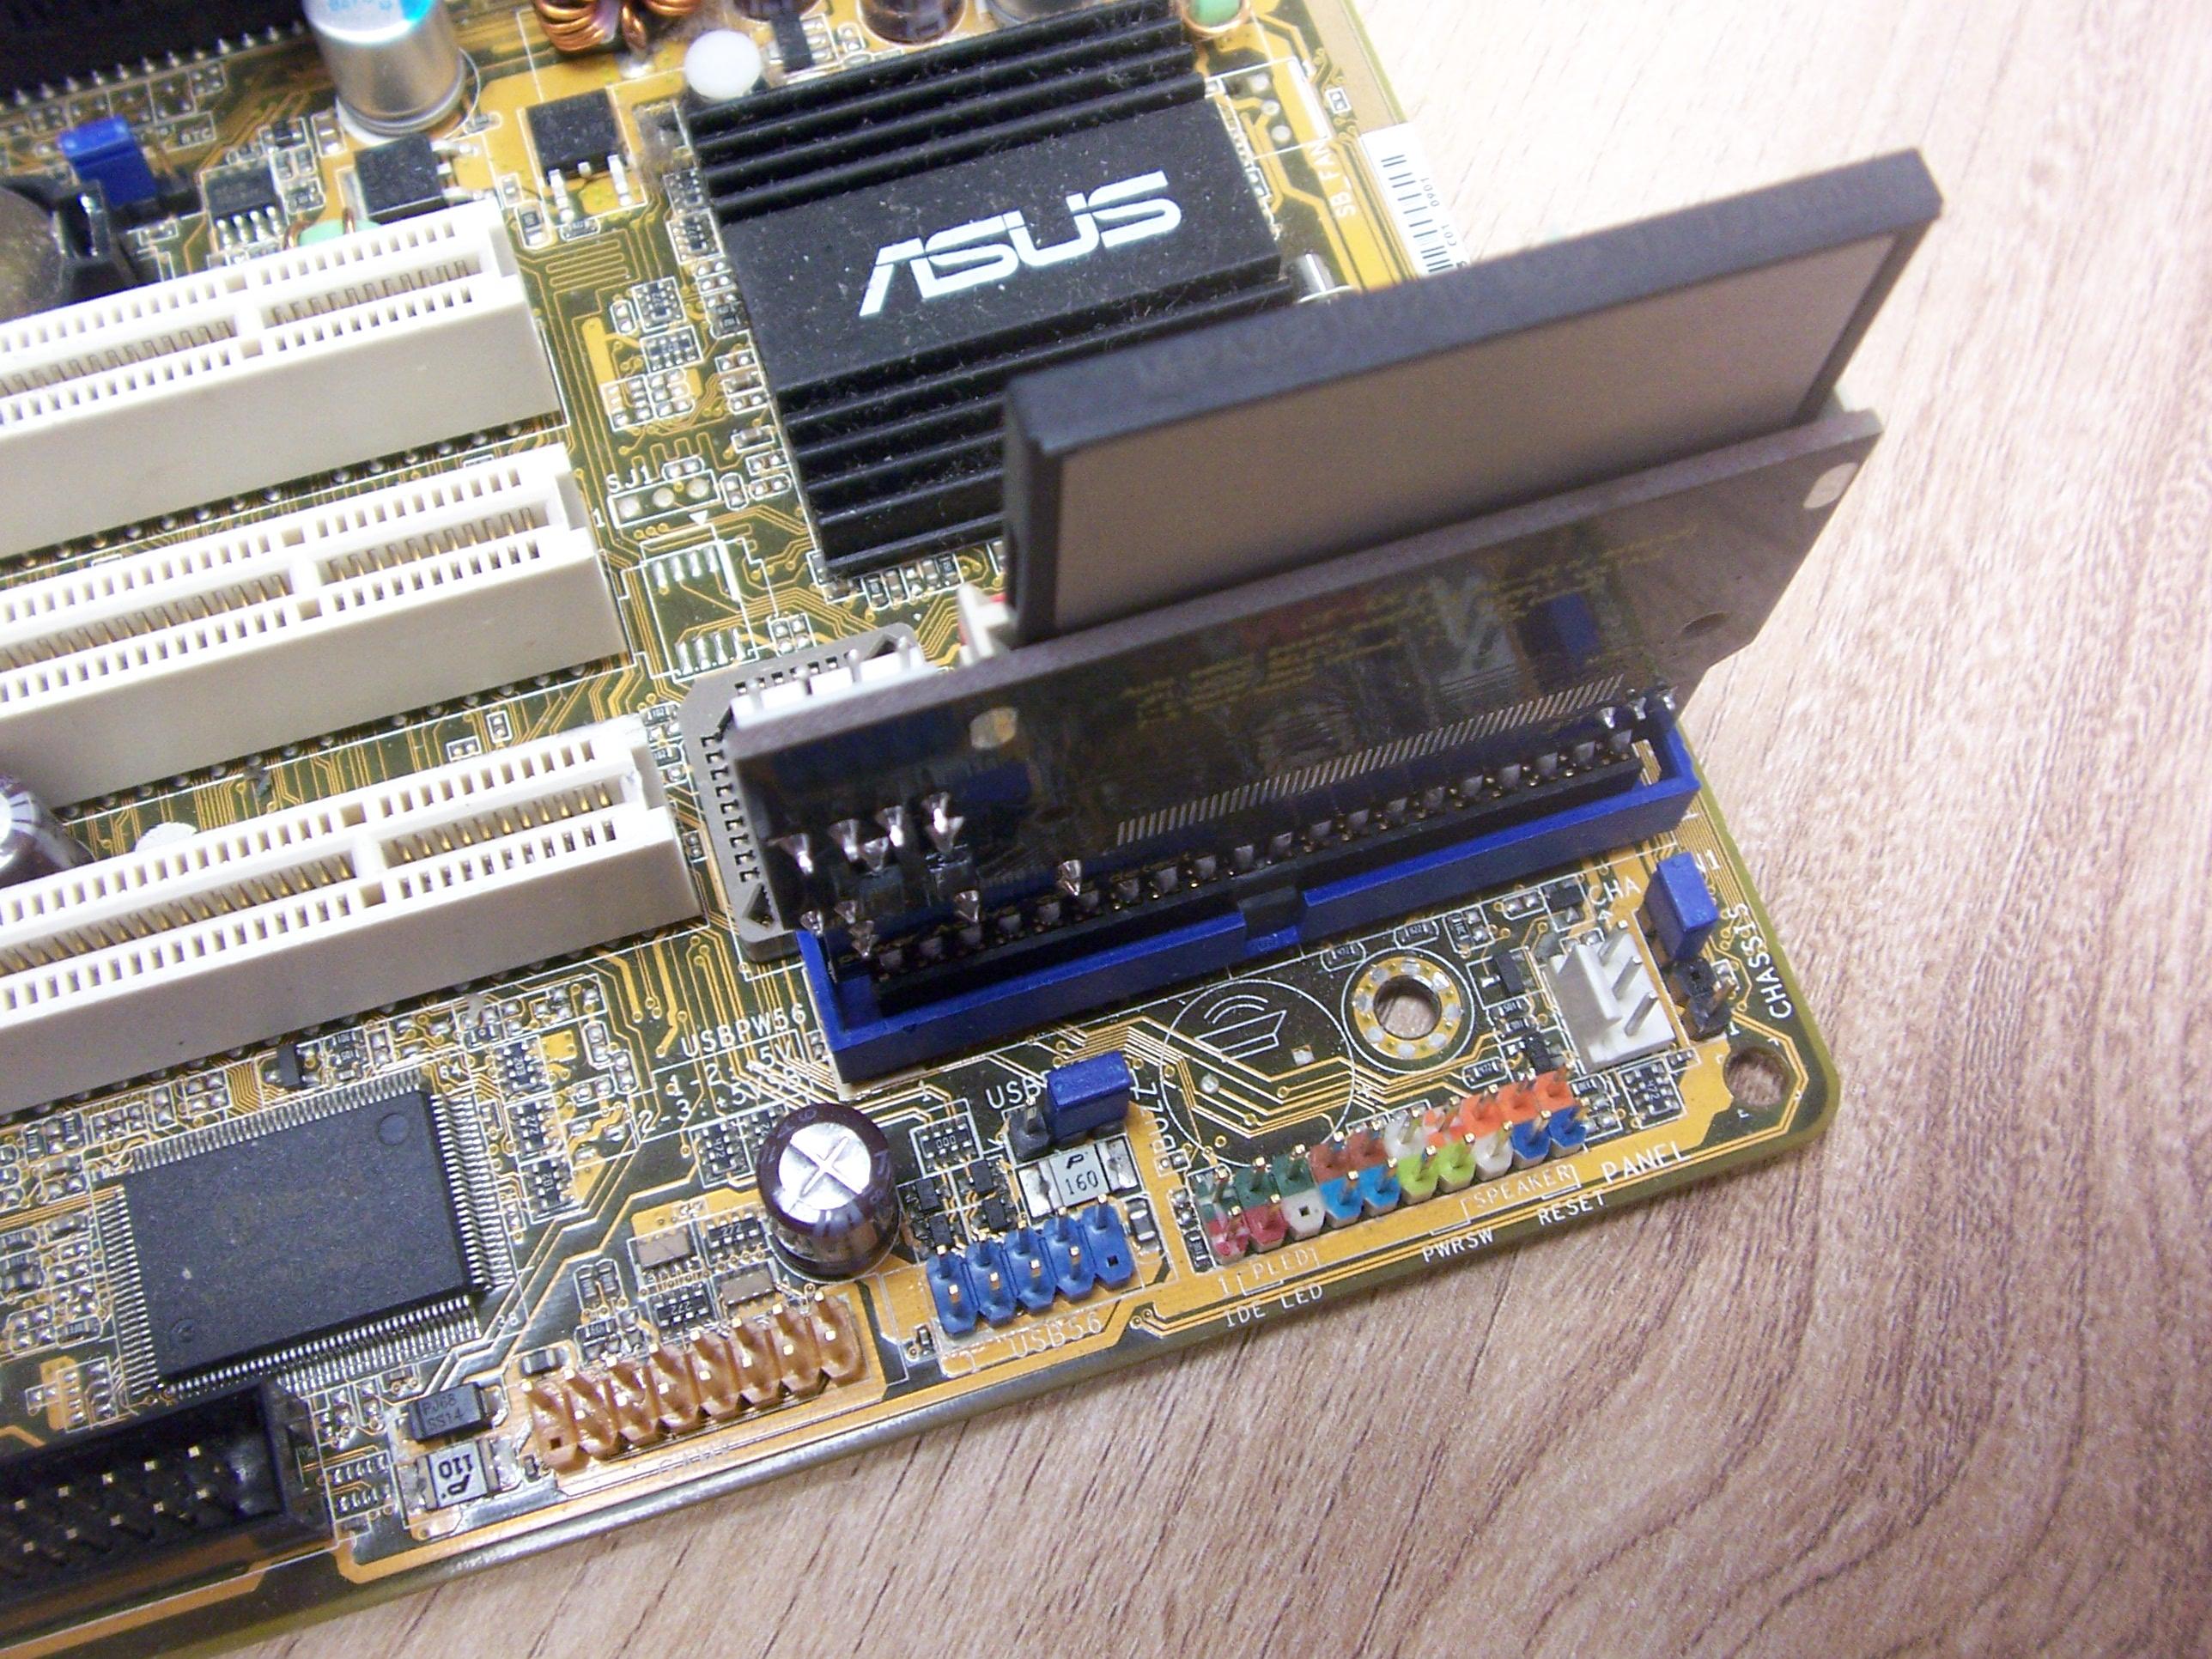 Karta CF wpięta bezpośrednio w port IDE płyty głównej za pomocą przejściówki.